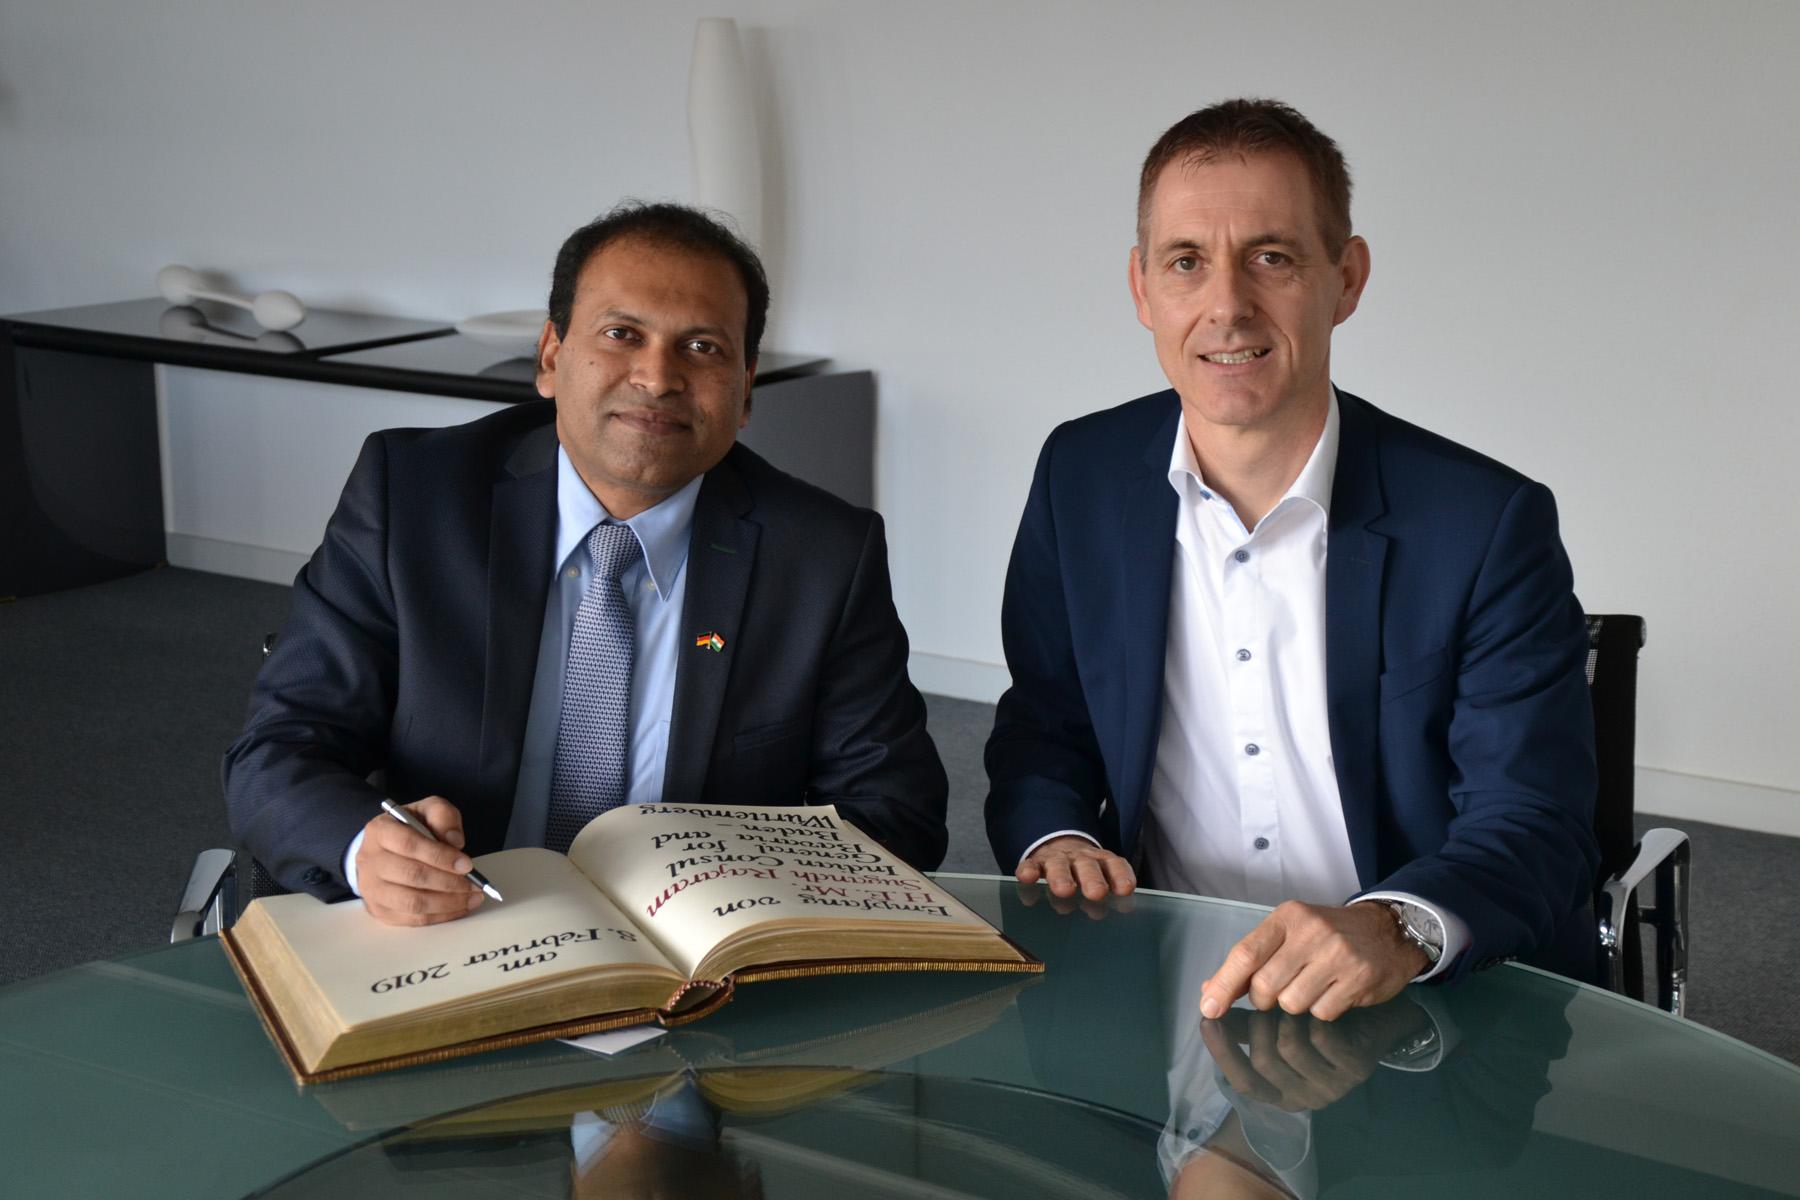 Der indische Generalkonsul für Baden-Württemberg und Bayern, H.E. Mr. Sugandh Rajaram mit Oberbürgermeister Jörg Lutz